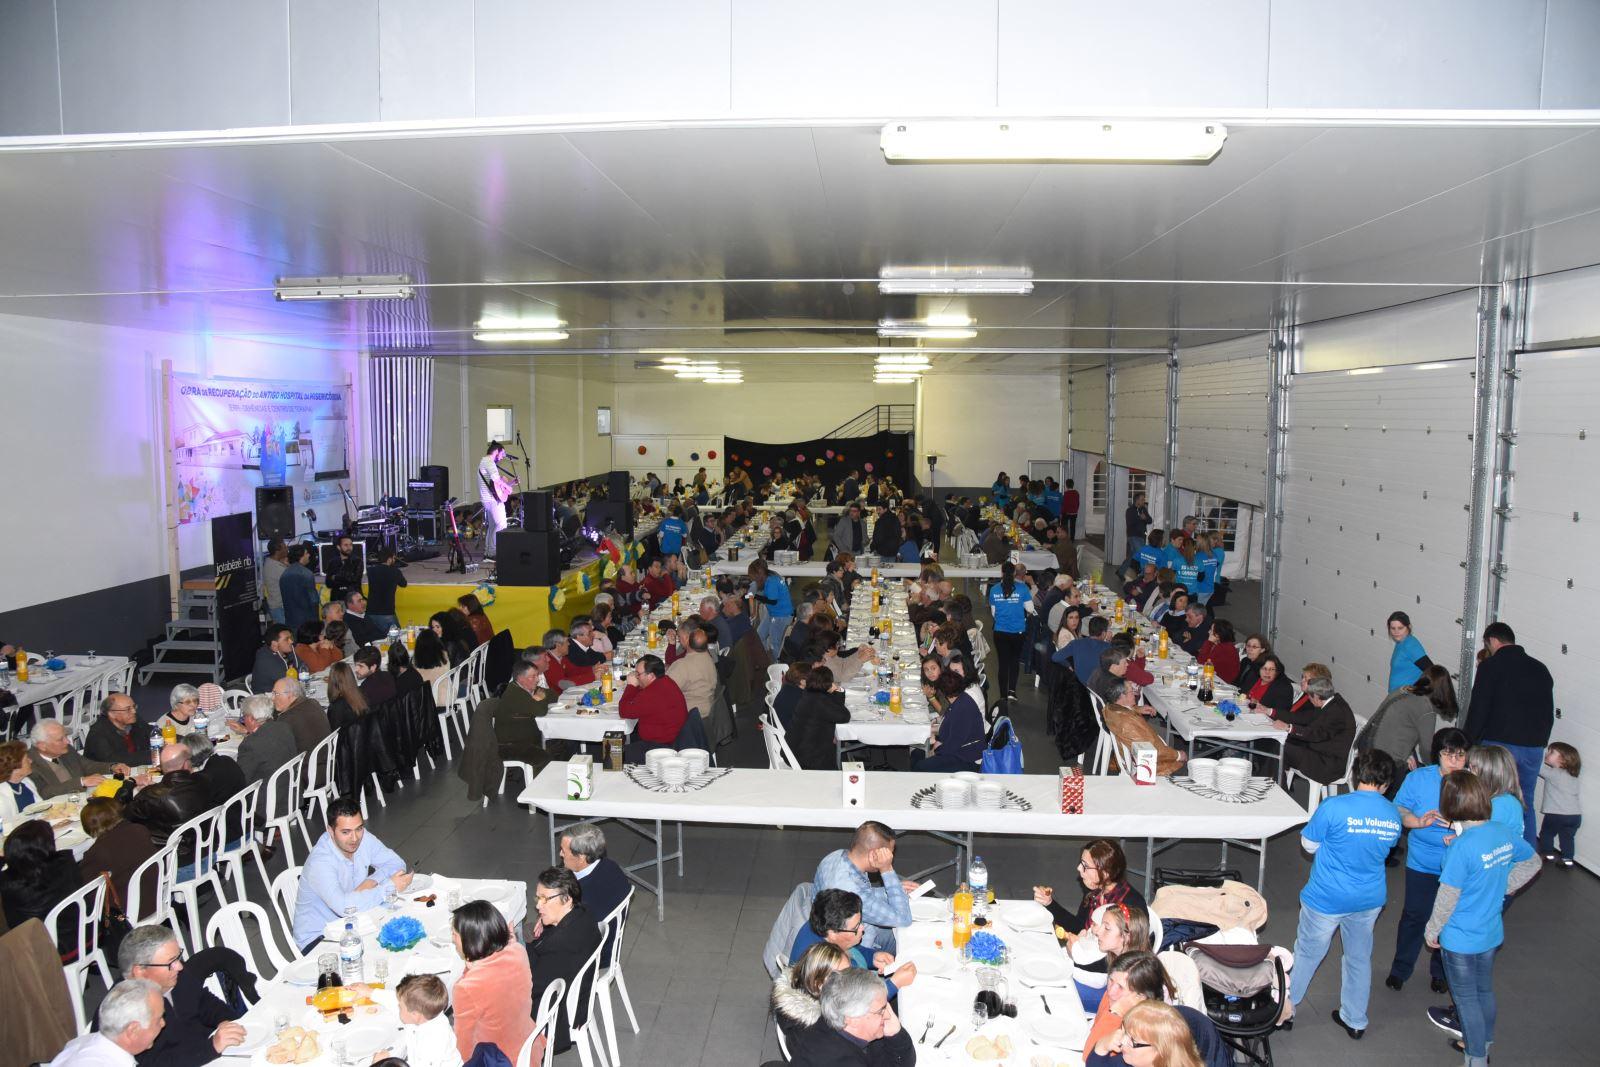 Penalva do Castelo | Angariação de fundos junta 500 pessoas em jantar